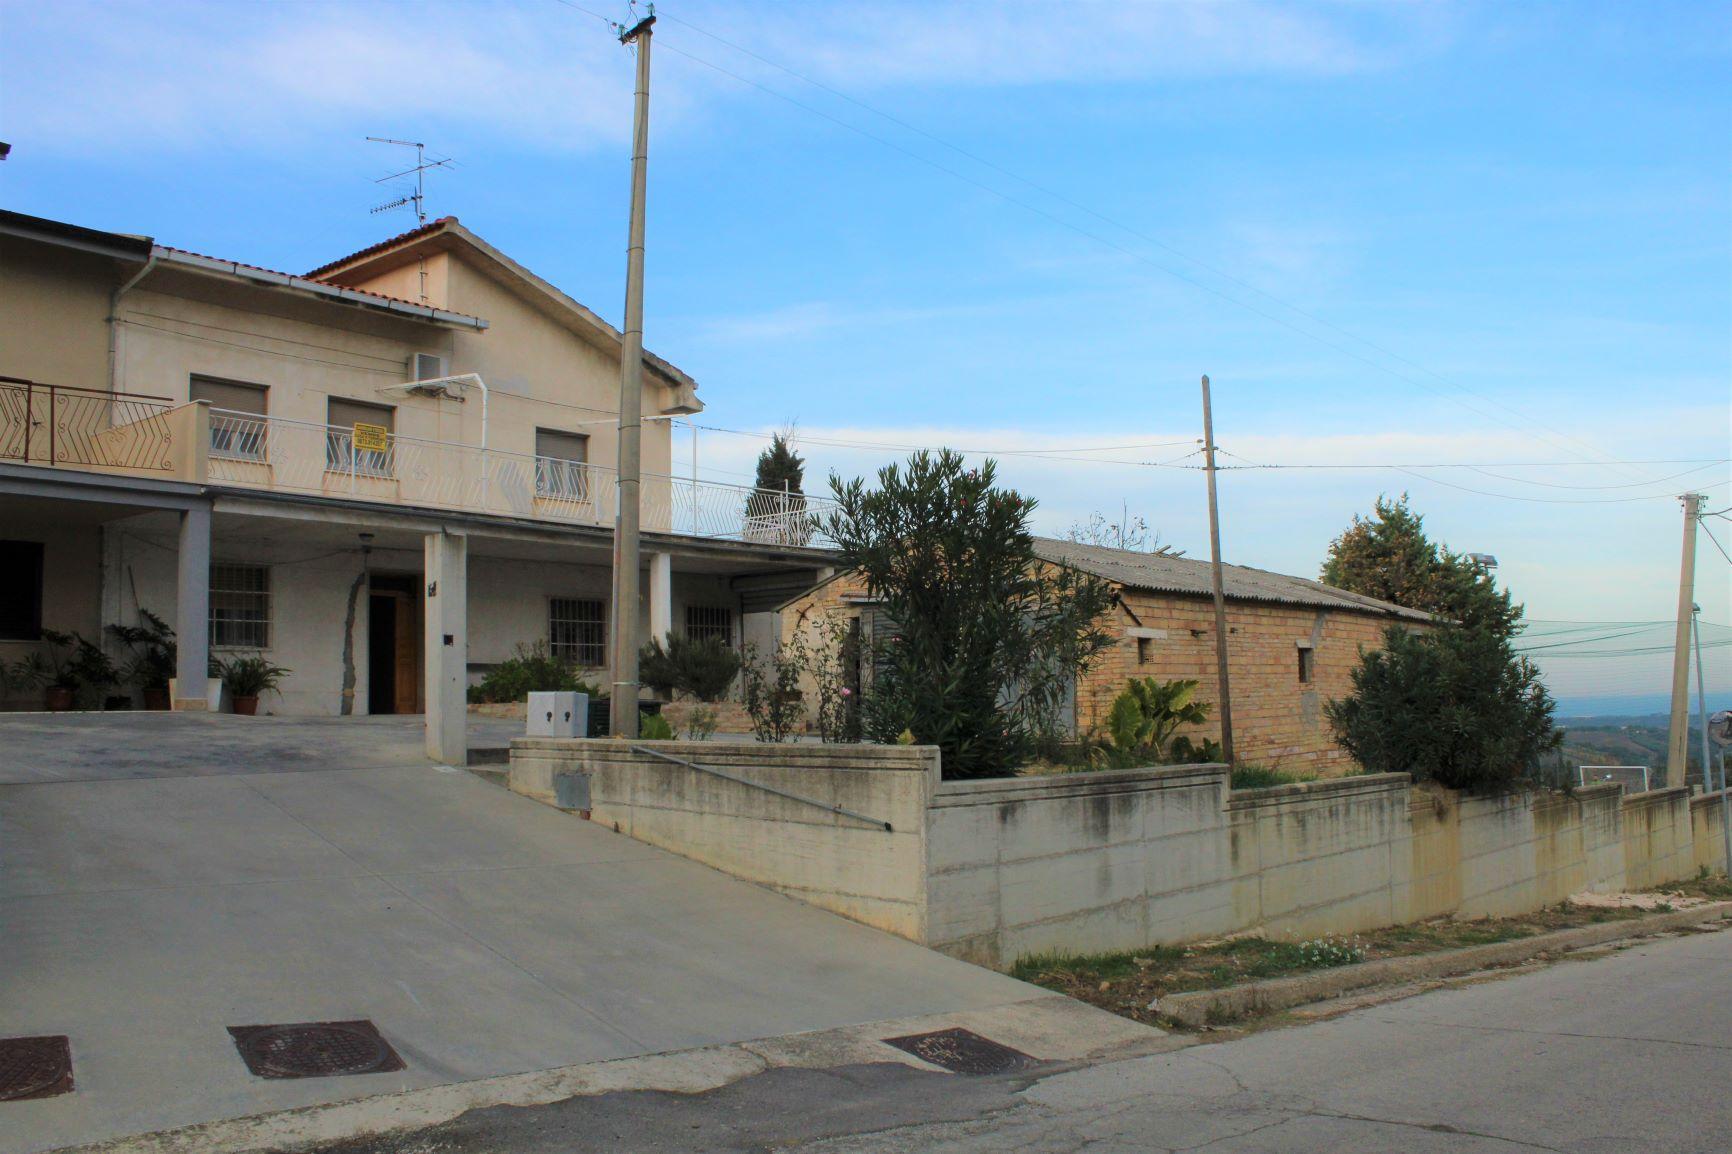 rif 1156 Pollutri (CH) – Abitazione con giardino e terrazzo vista mare- € 190000